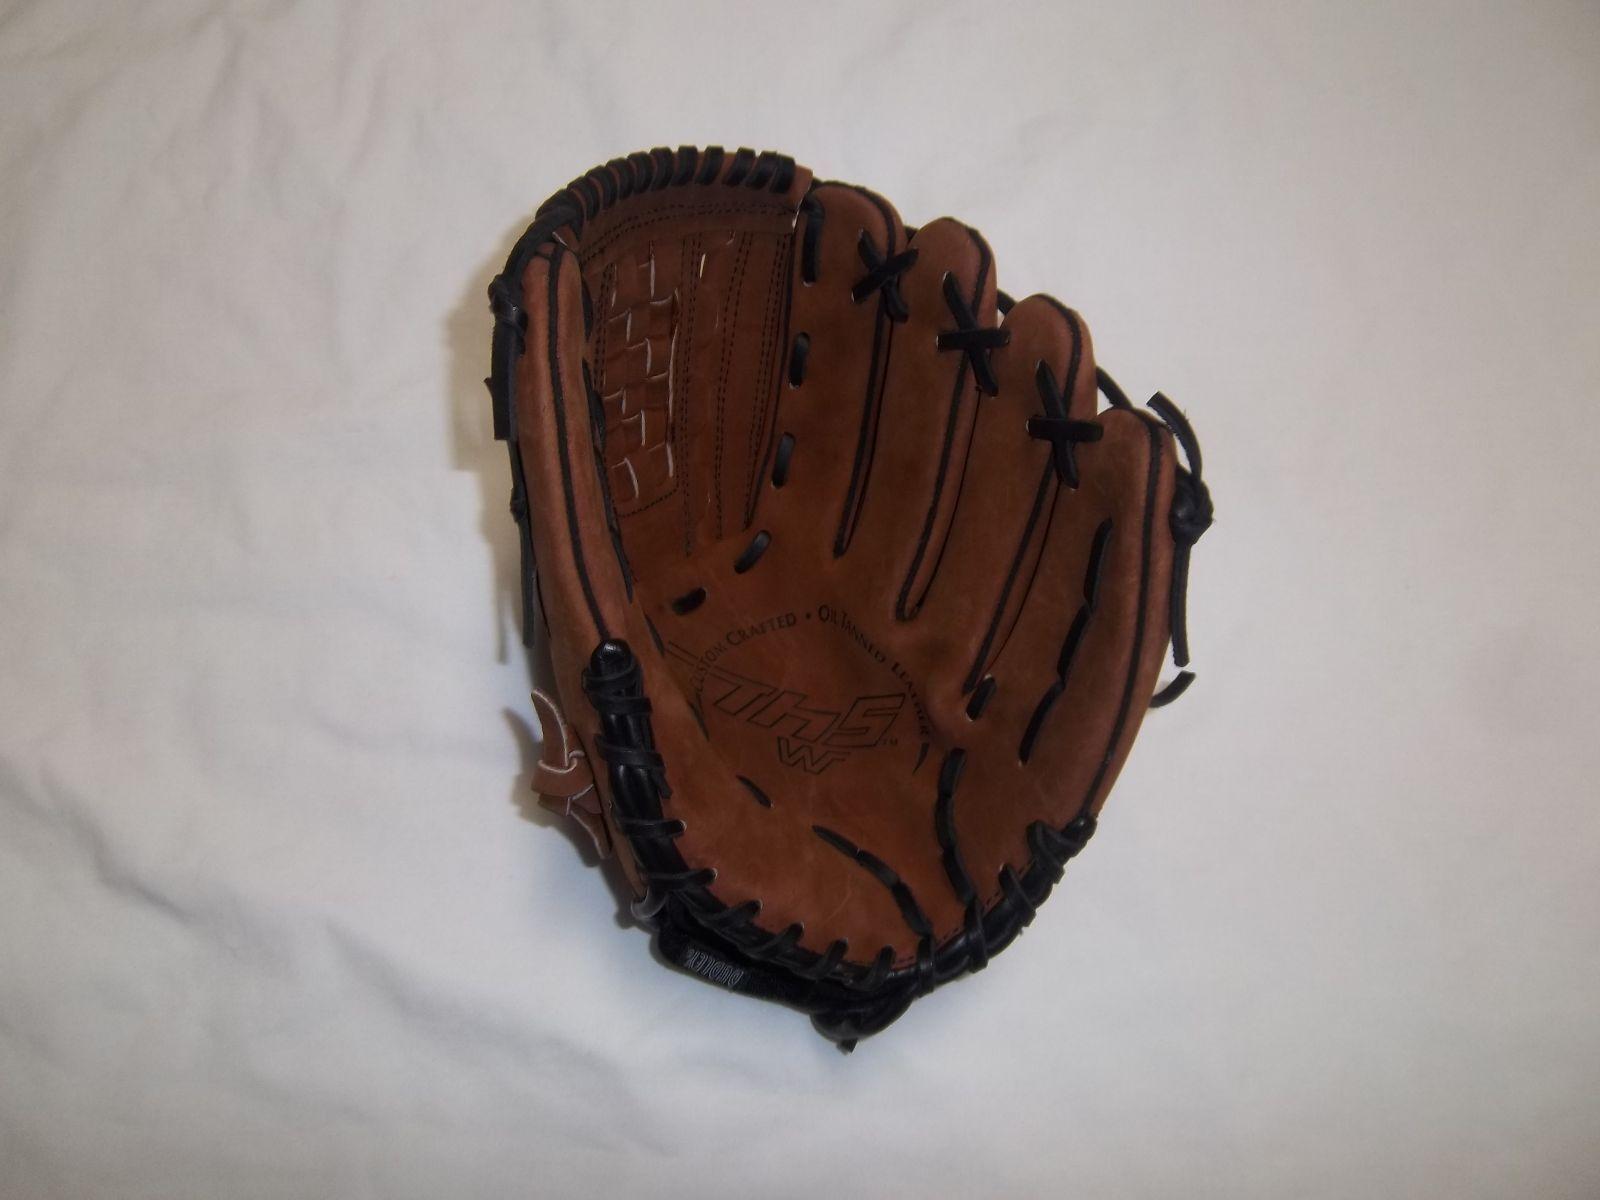 Dudley 42-129 DK Marrón Guante De Béisbol Softball 12   diestro lanzador (va onleft Mano)  40% de descuento